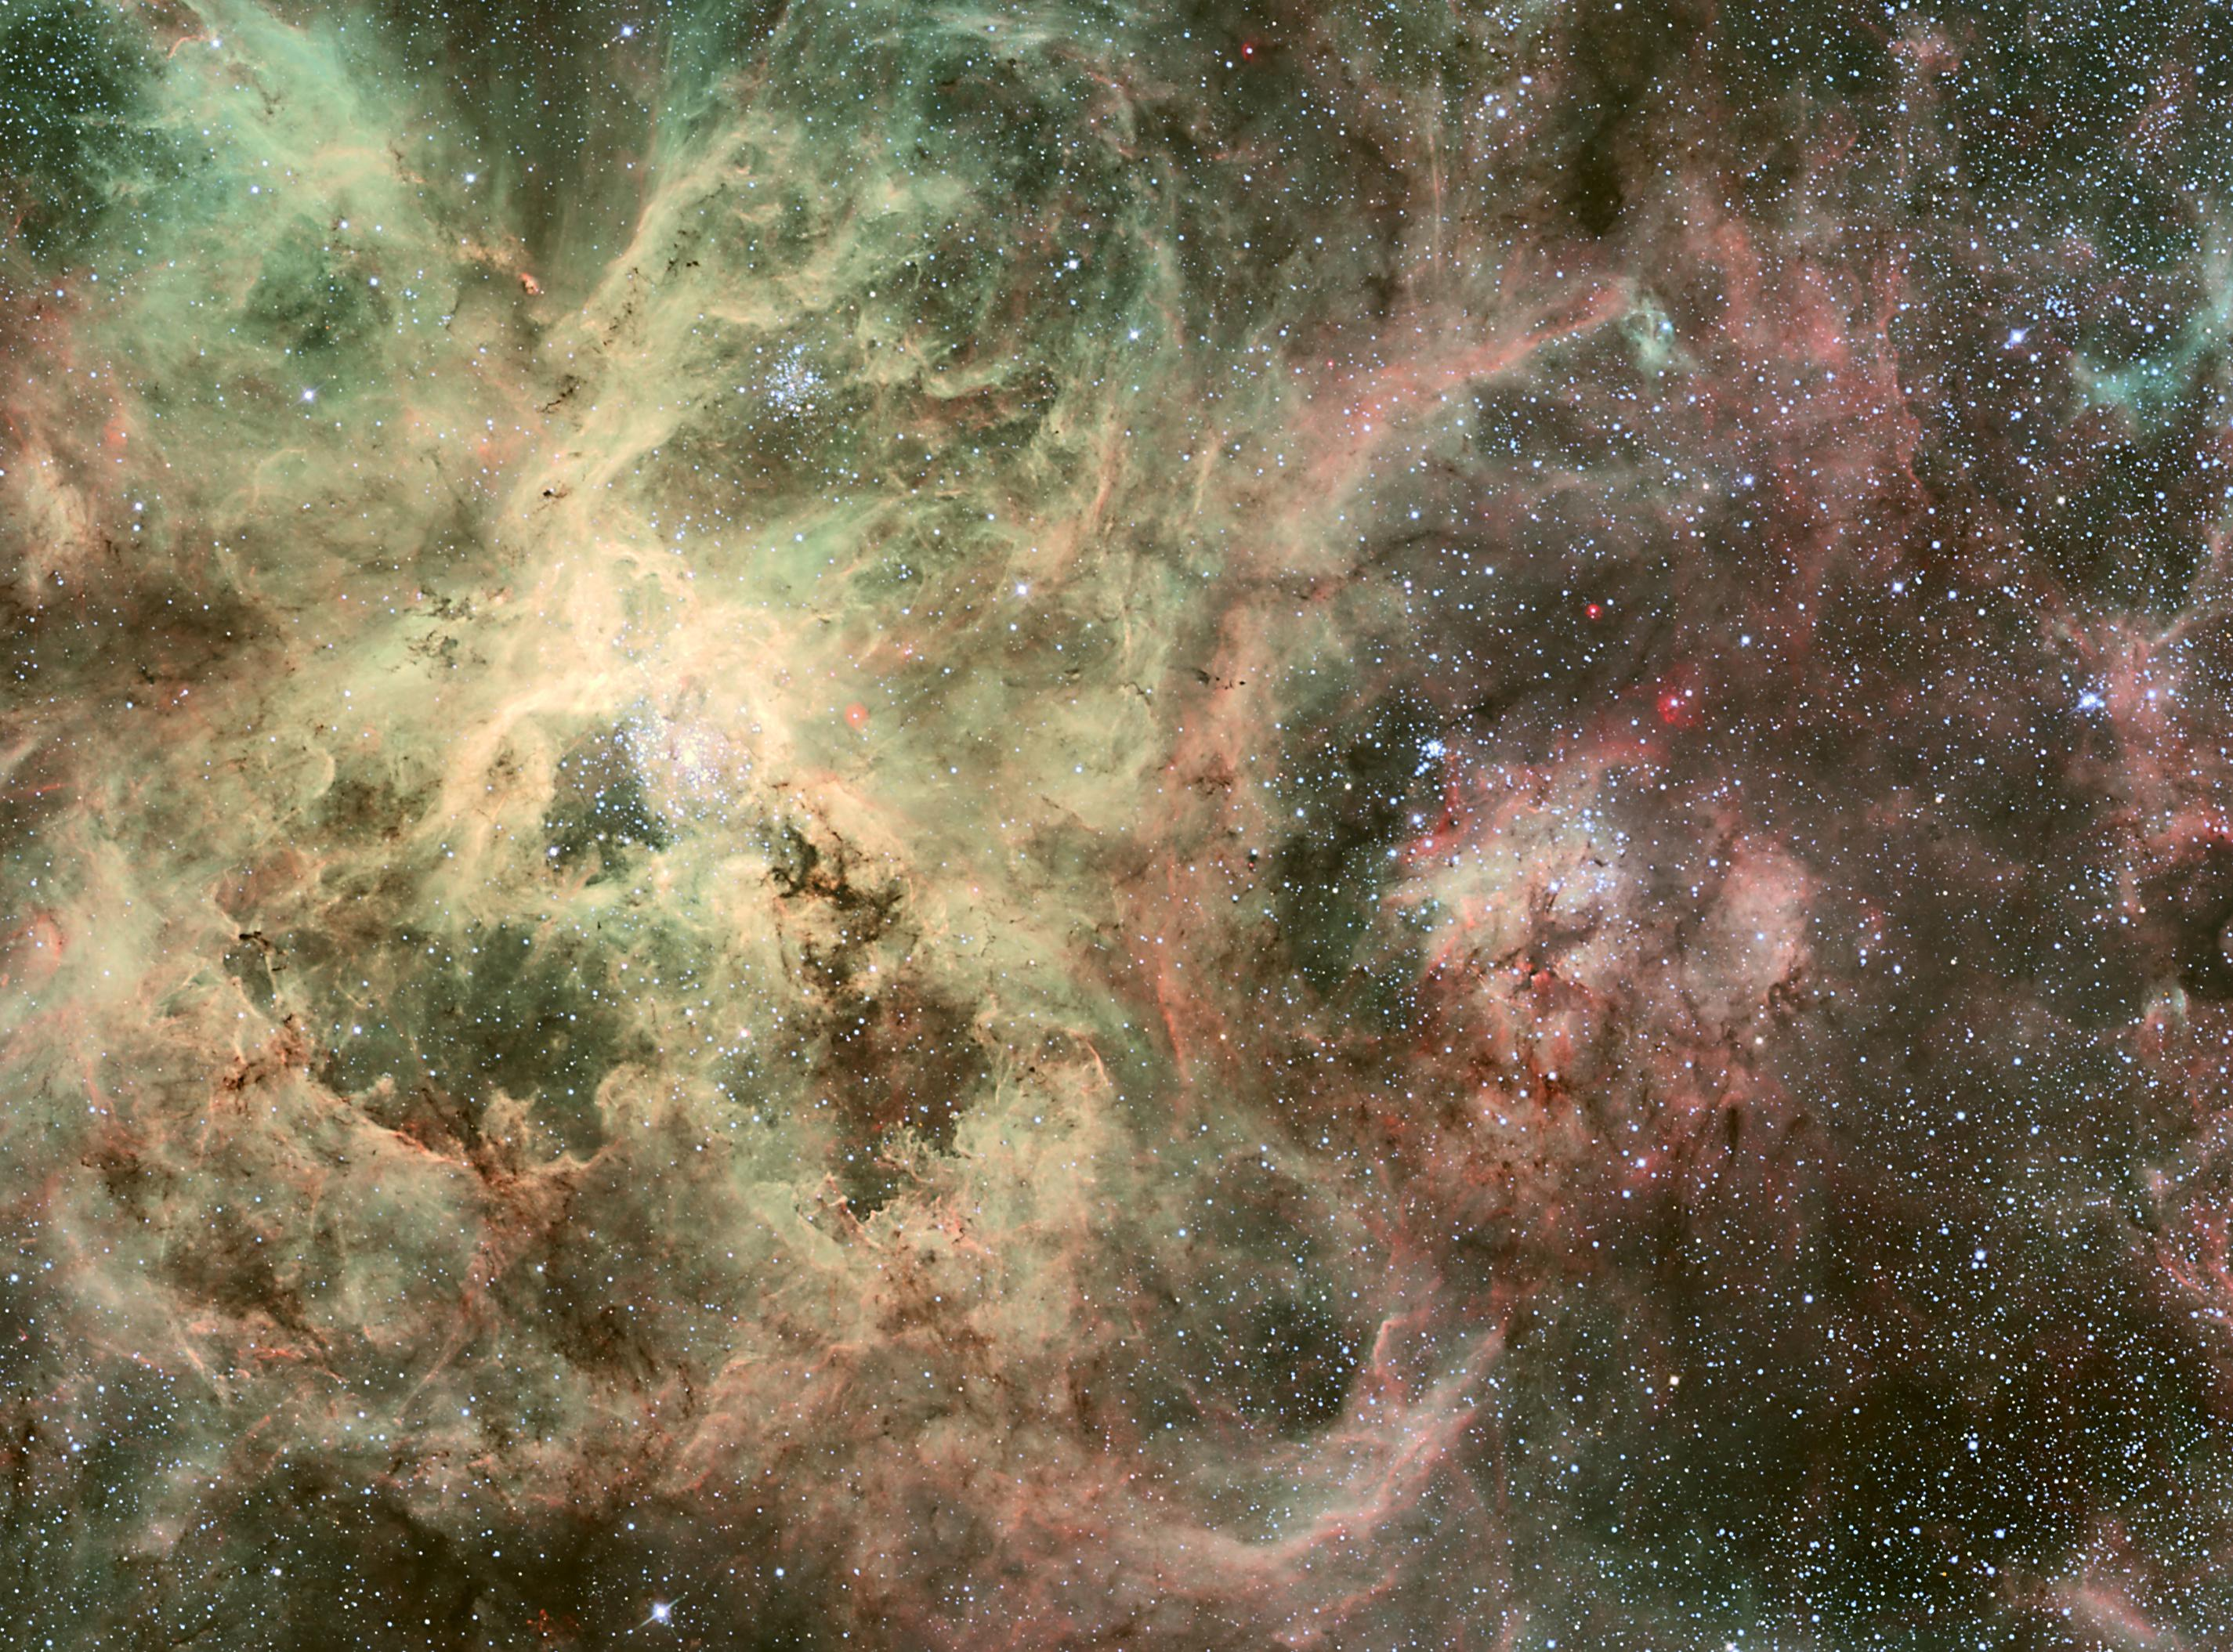 Doradus Nebula.